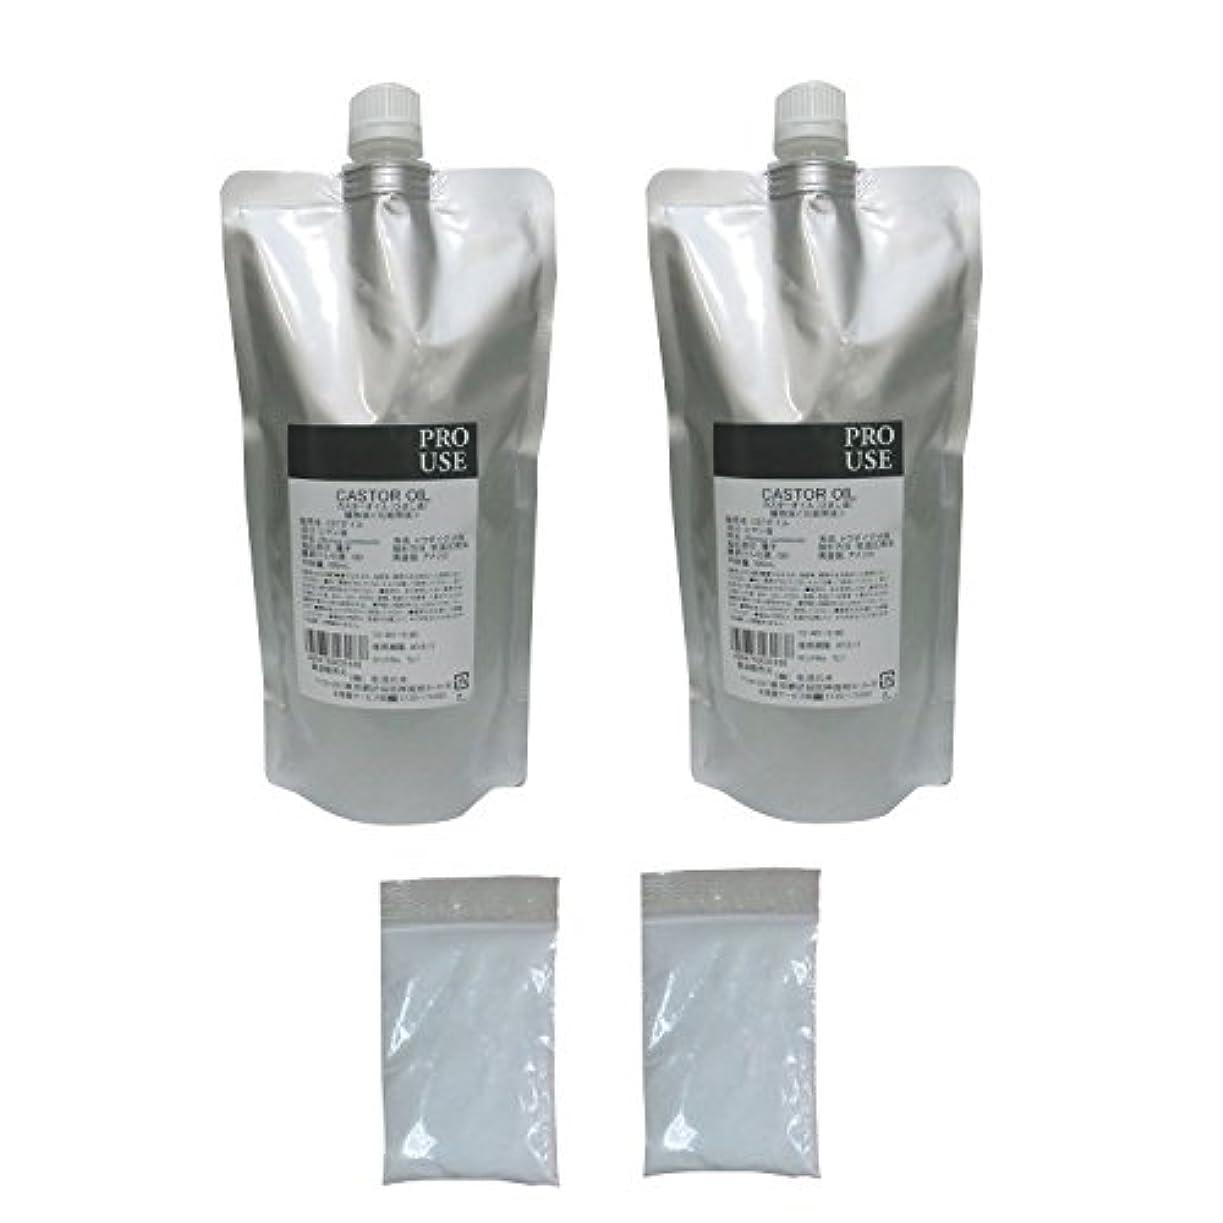 塗抹リーン意気消沈したカスターオイル ひまし油500ml 2個組 (重層2袋付)